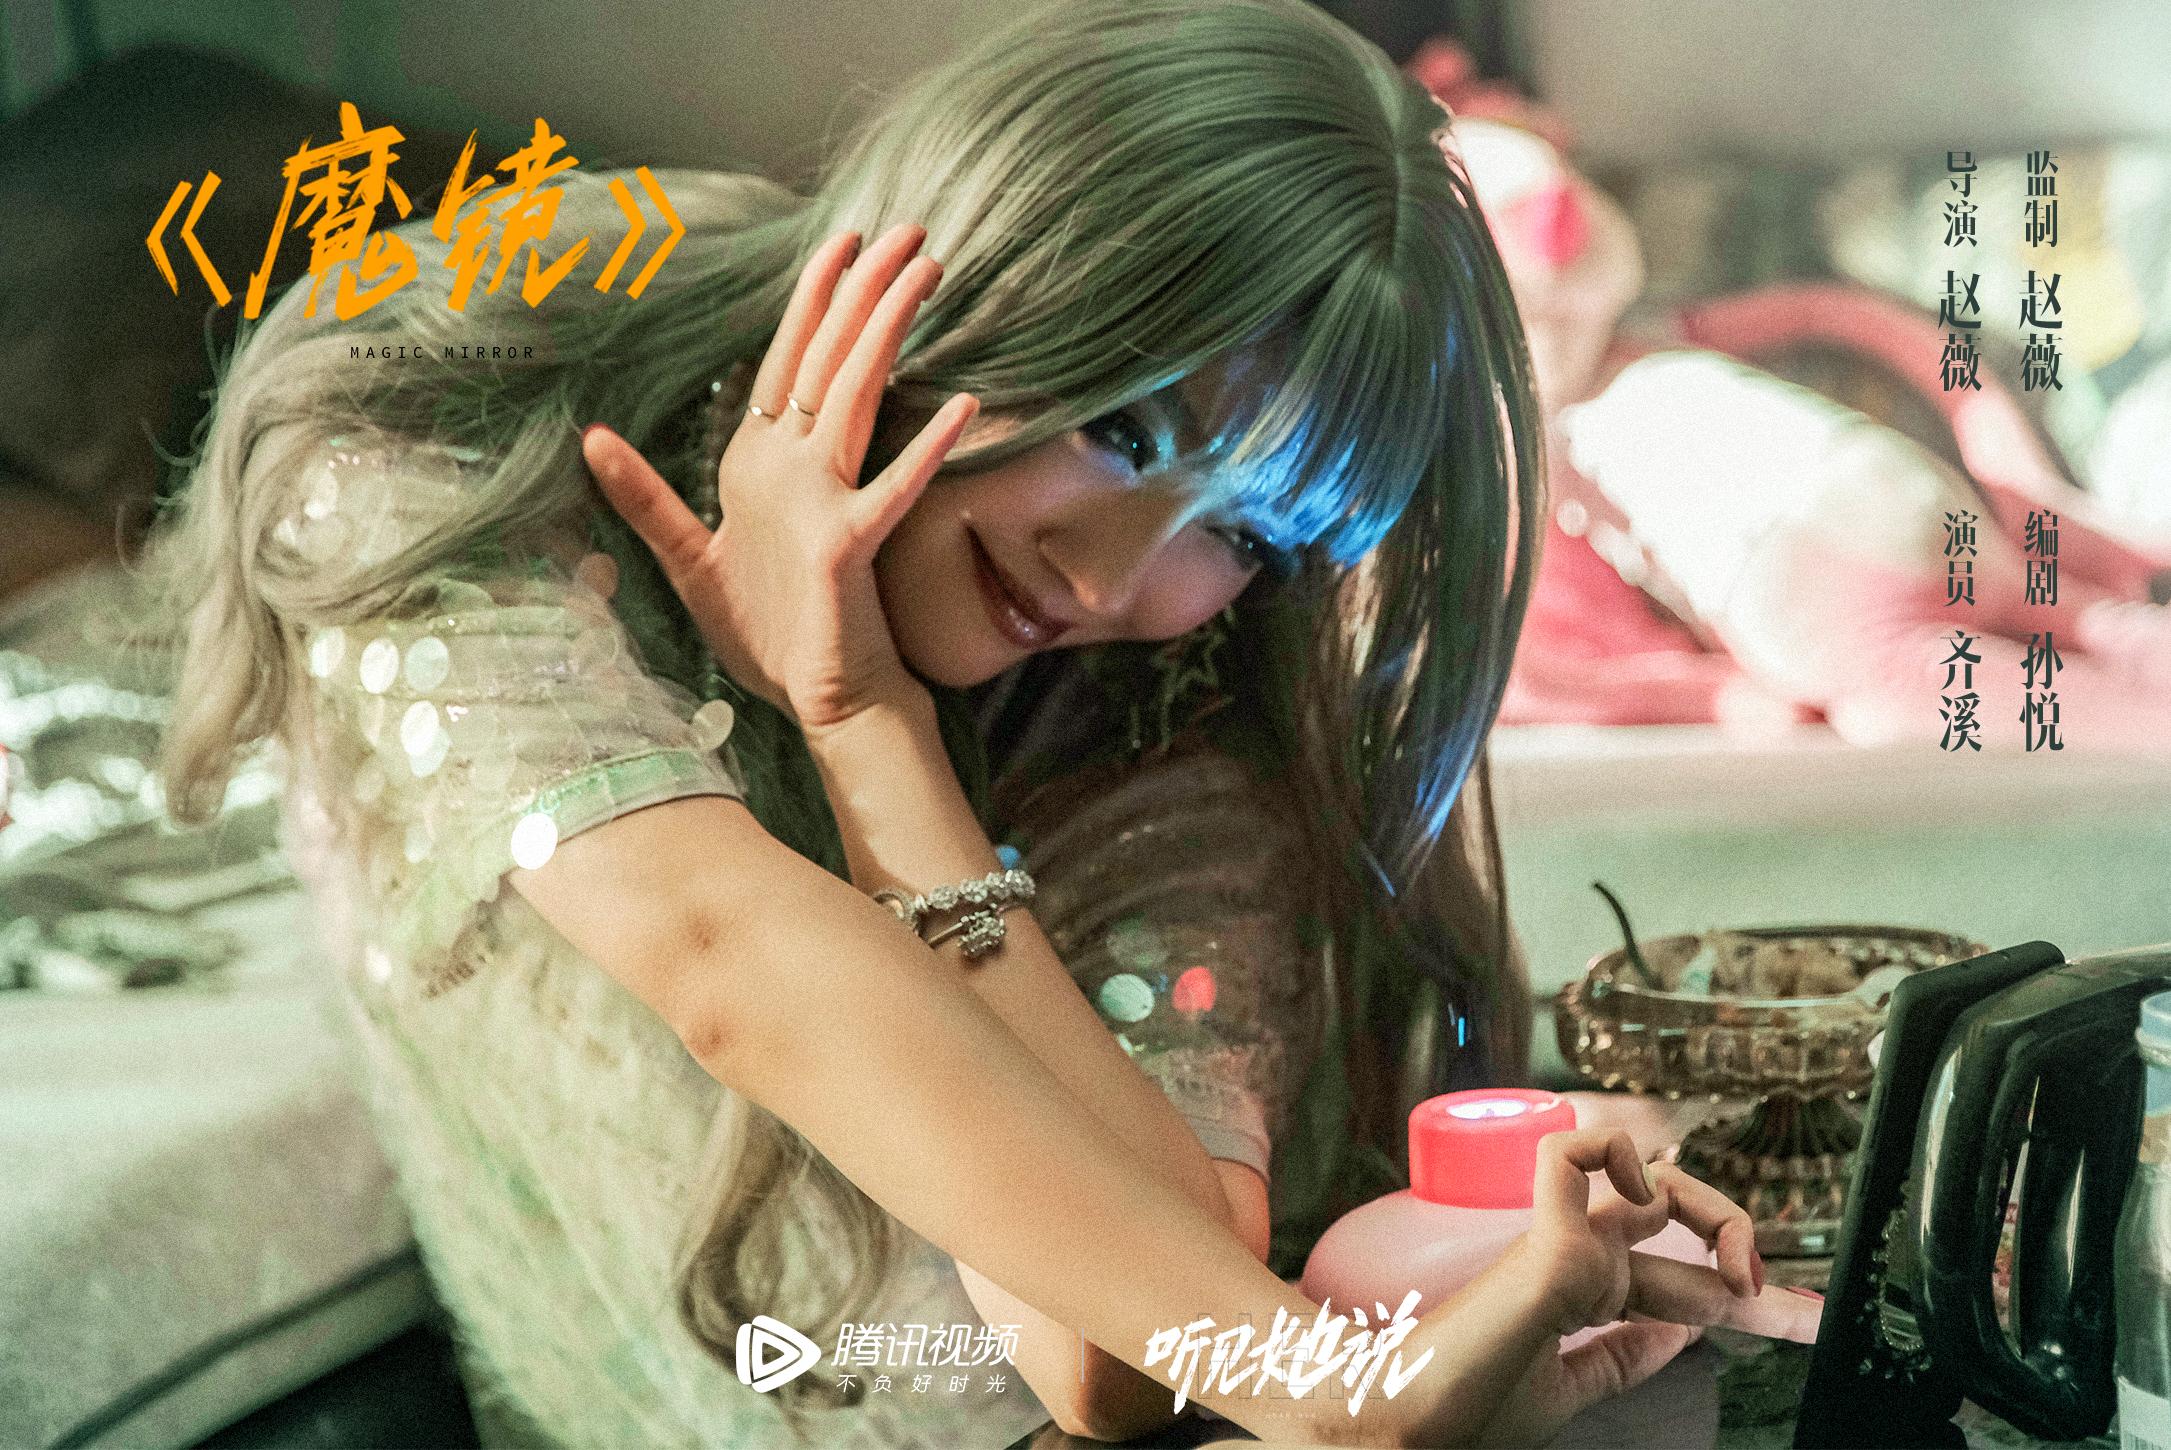 齐溪:十七八岁时因不漂亮想过整容,因赵薇接演《听见她说》